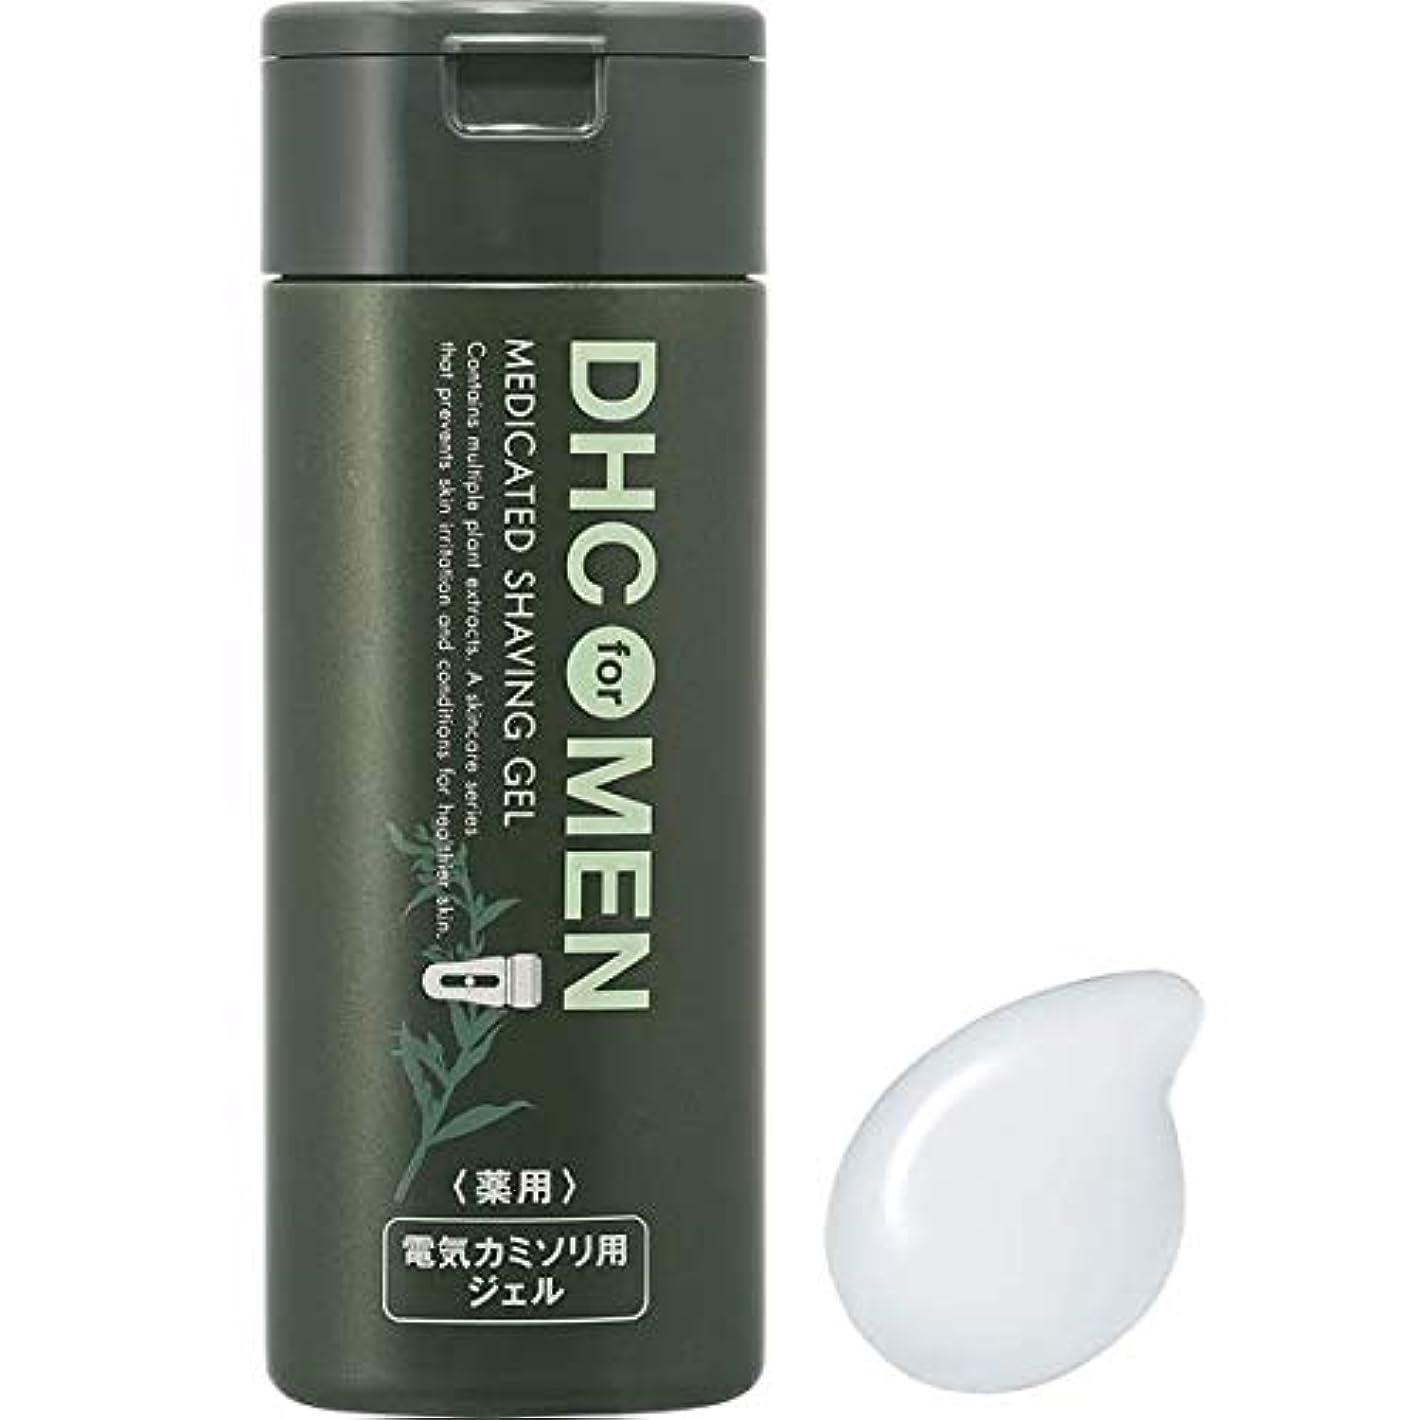 真面目な民間ドラゴンDHC for MEN 薬用 シェービング ジェル(電気カミソリ用ジェル)